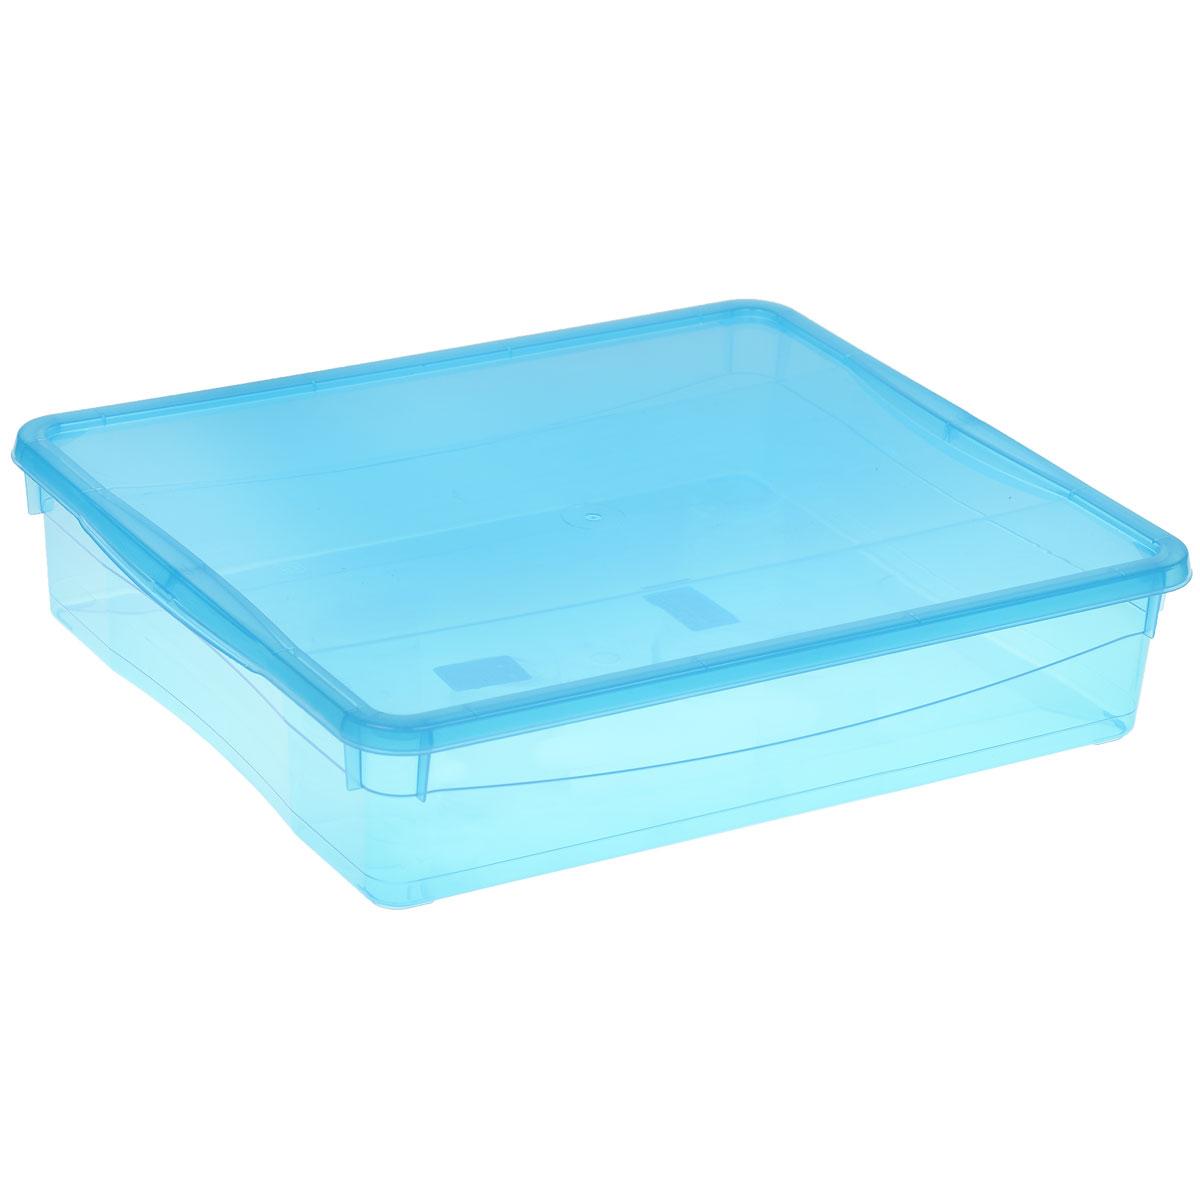 Ящик универсальный Econova Колор стайл с крышкой, цвет: голубой, 9 лС12498Универсальный ящик Econova Колор стайл выполнен из полипропилена и предназначен для хранения различных предметов. Ящик оснащен удобной крышкой. Очень функциональный и вместительный, такой ящик будет очень полезен для хранения вещей или продуктов, а также защитит их от пыли и грязи.